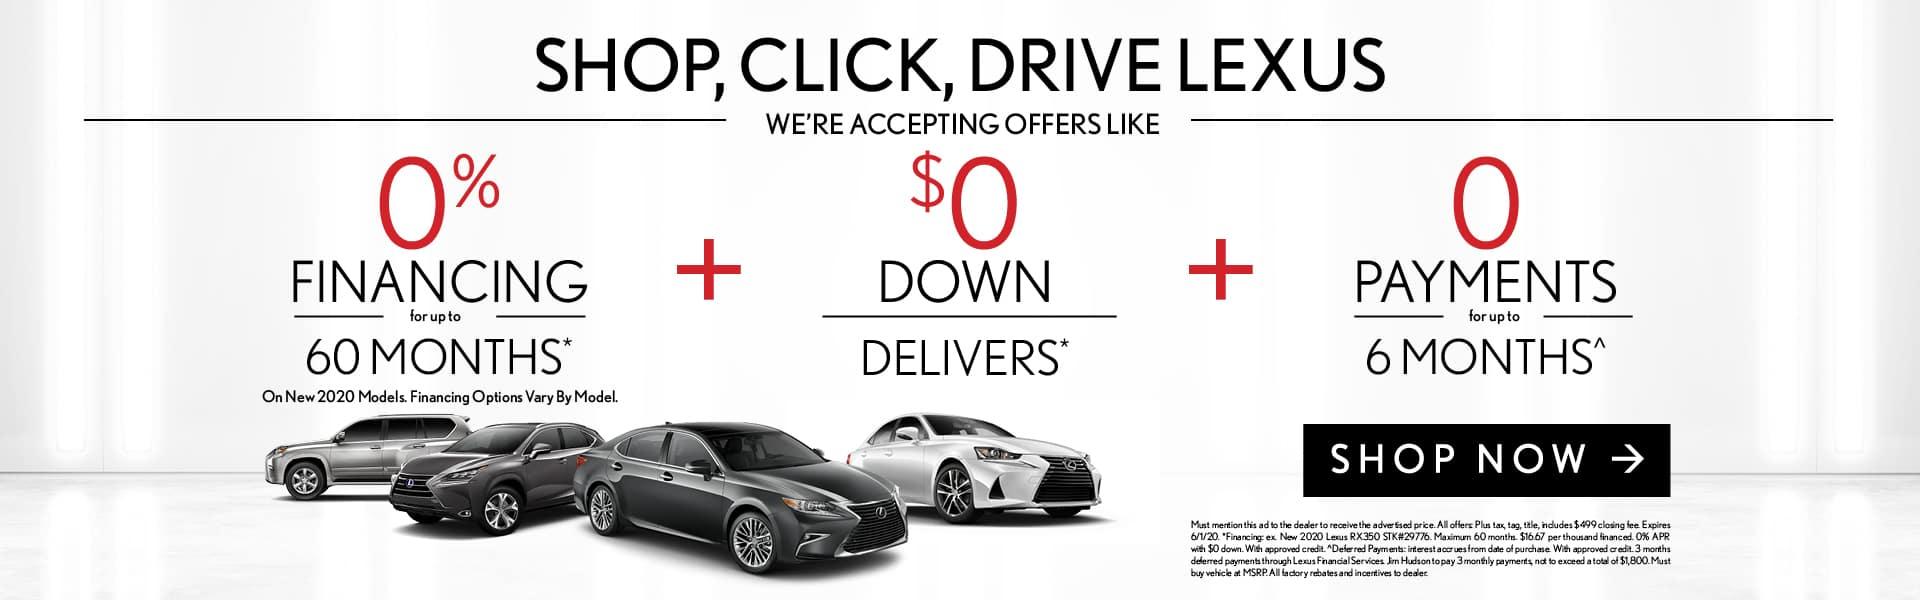 Shop, Click, Drive Lexus